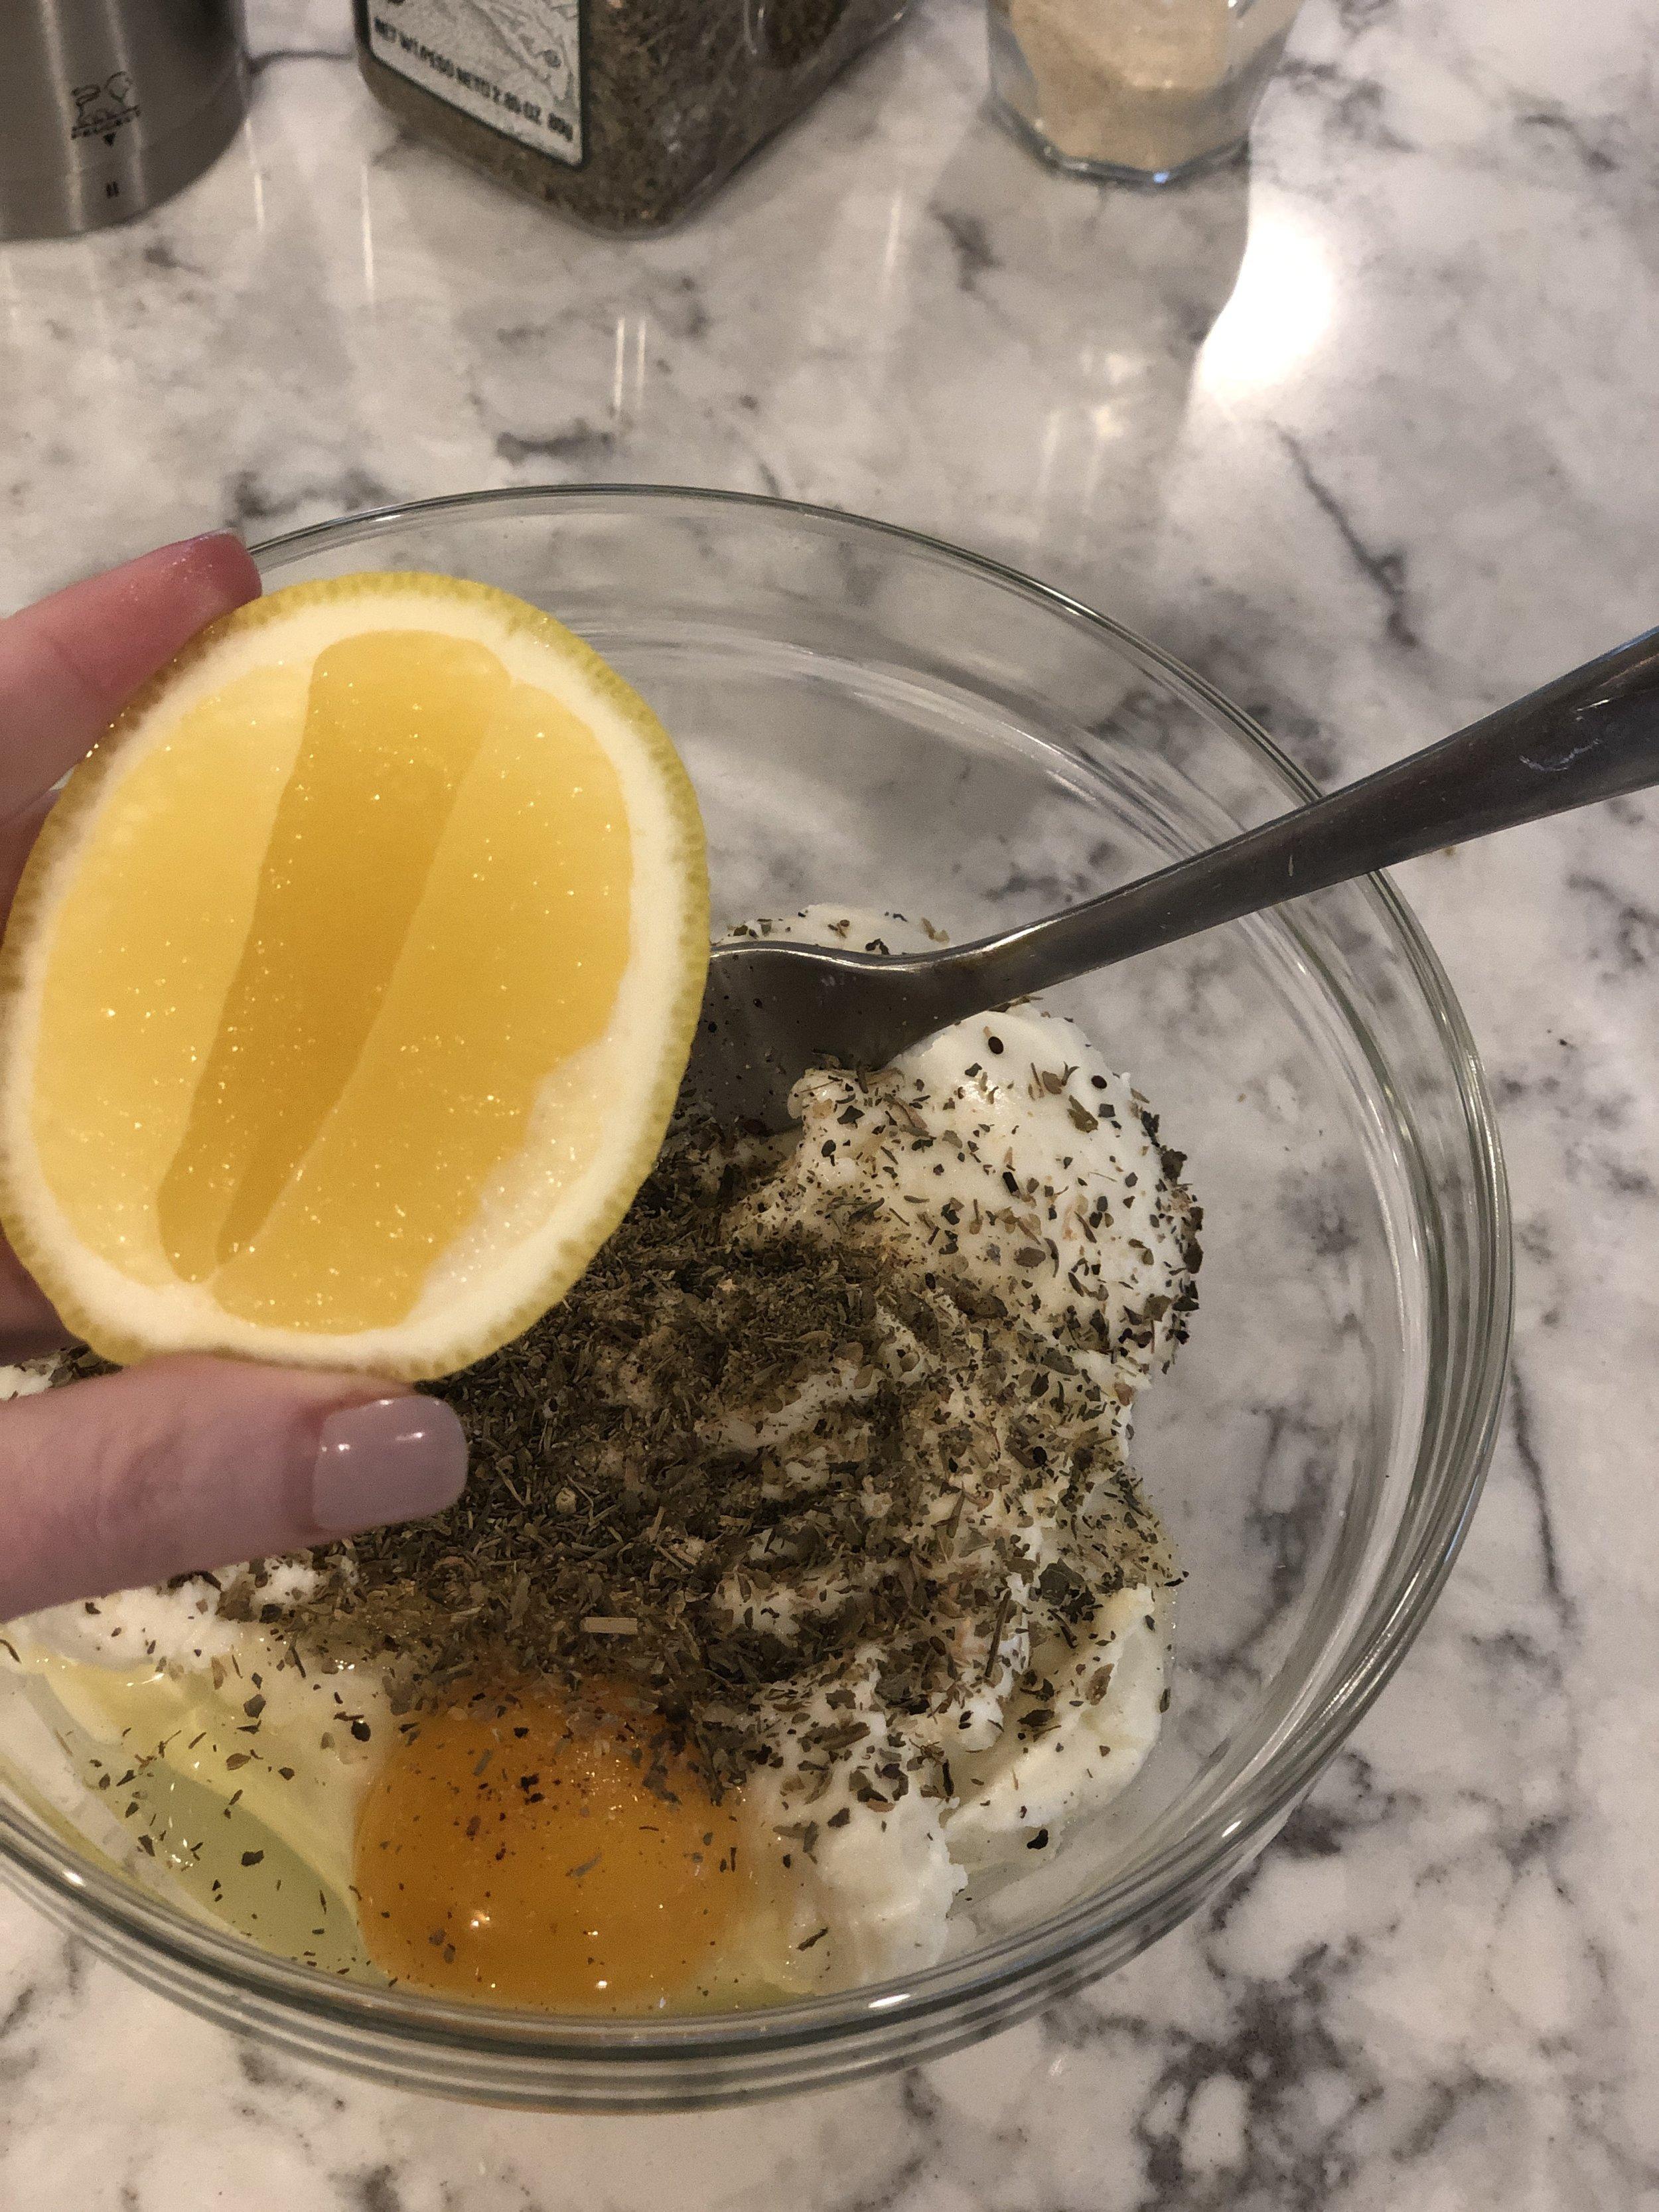 Secret ingredient to lighten up this dish? Lemon!